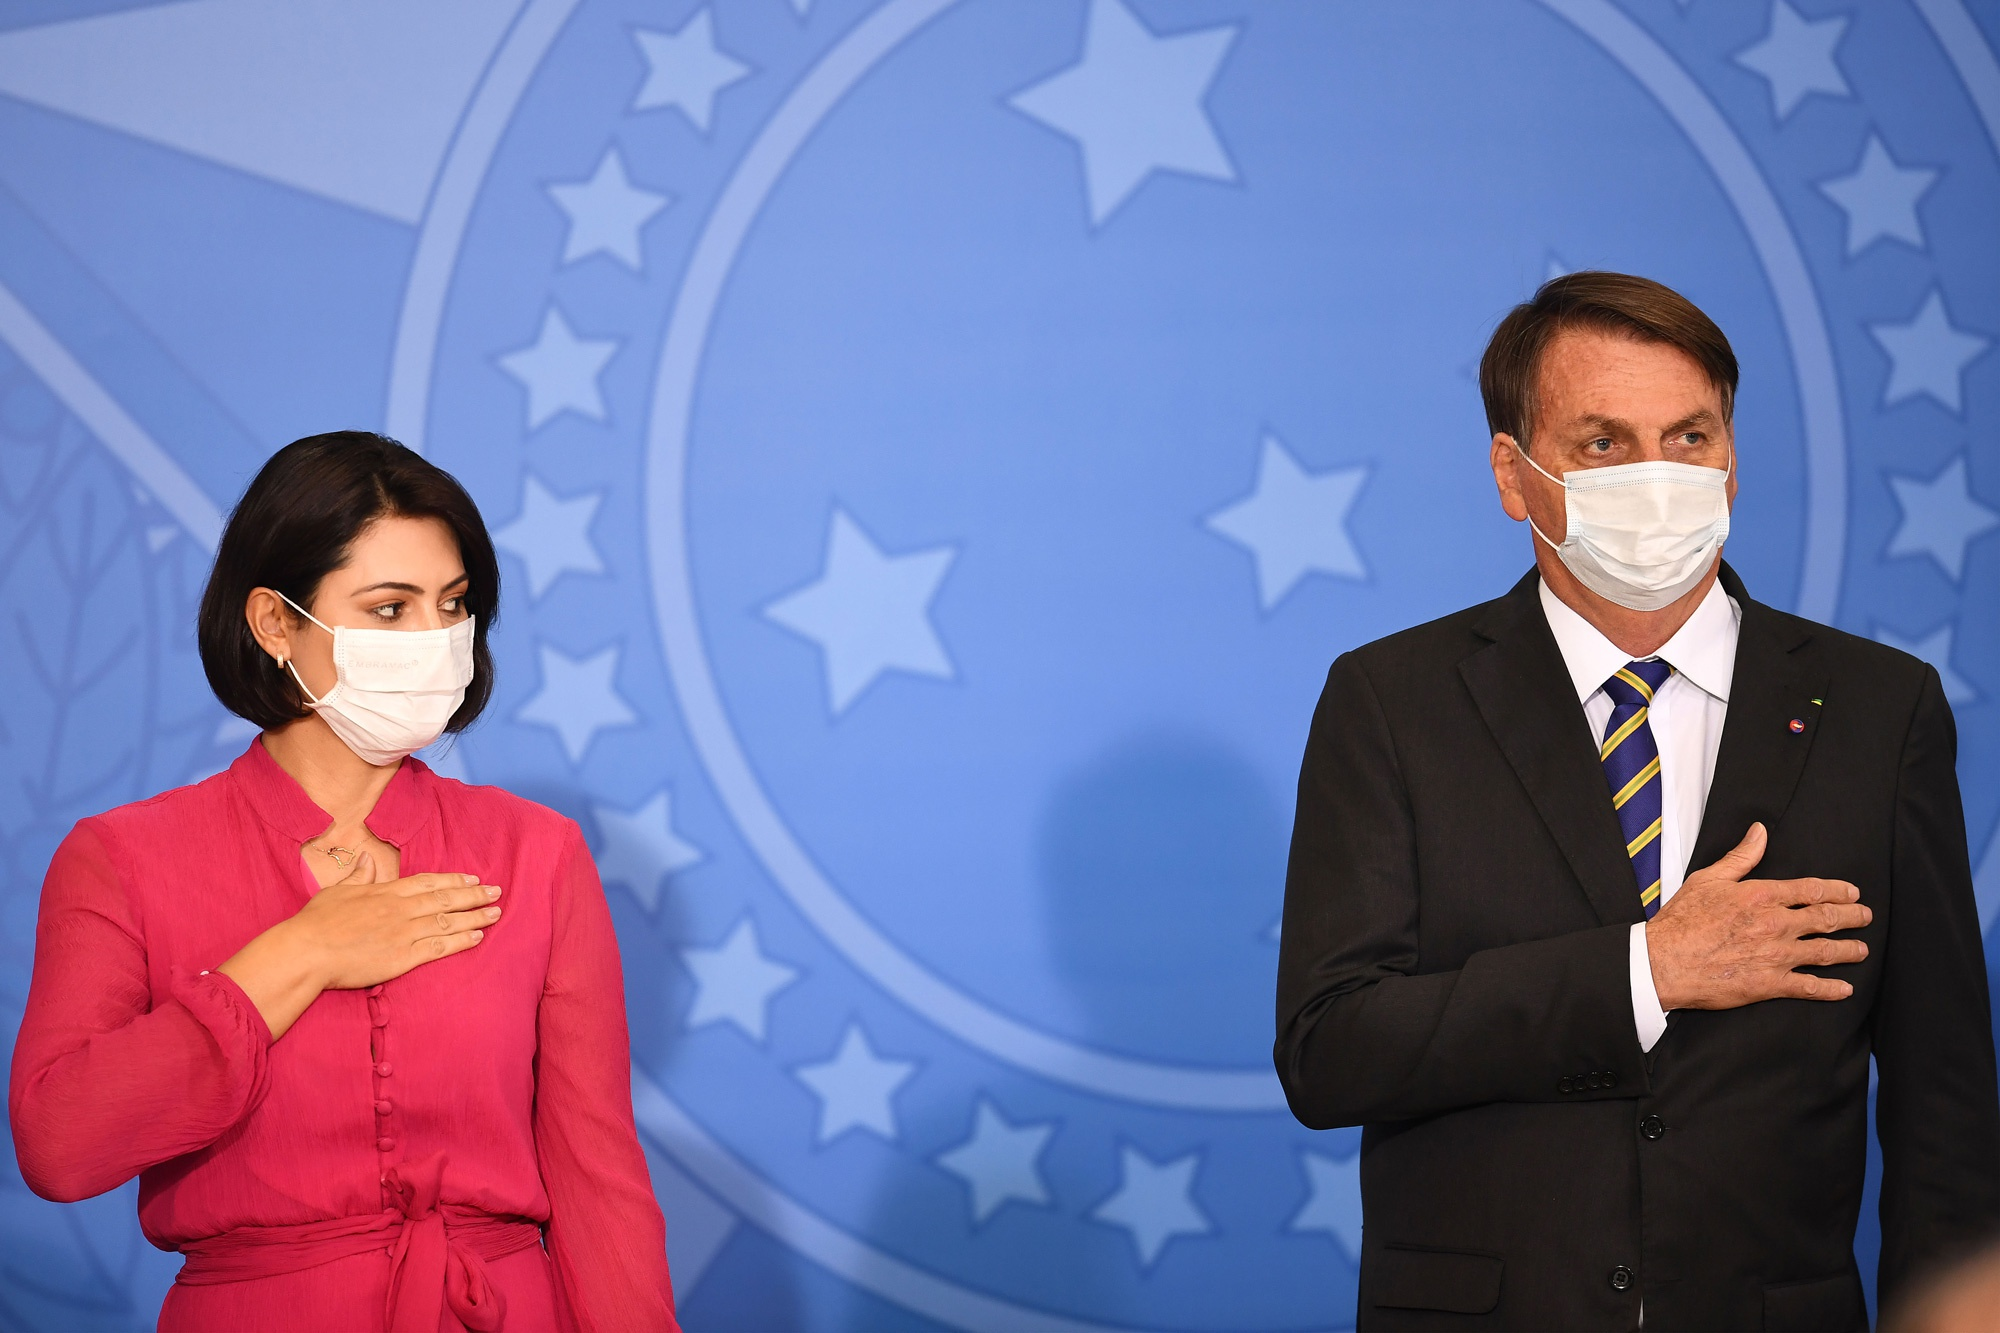 7月29日,巴西总统夫妇戴口罩出席活动。(法新社)